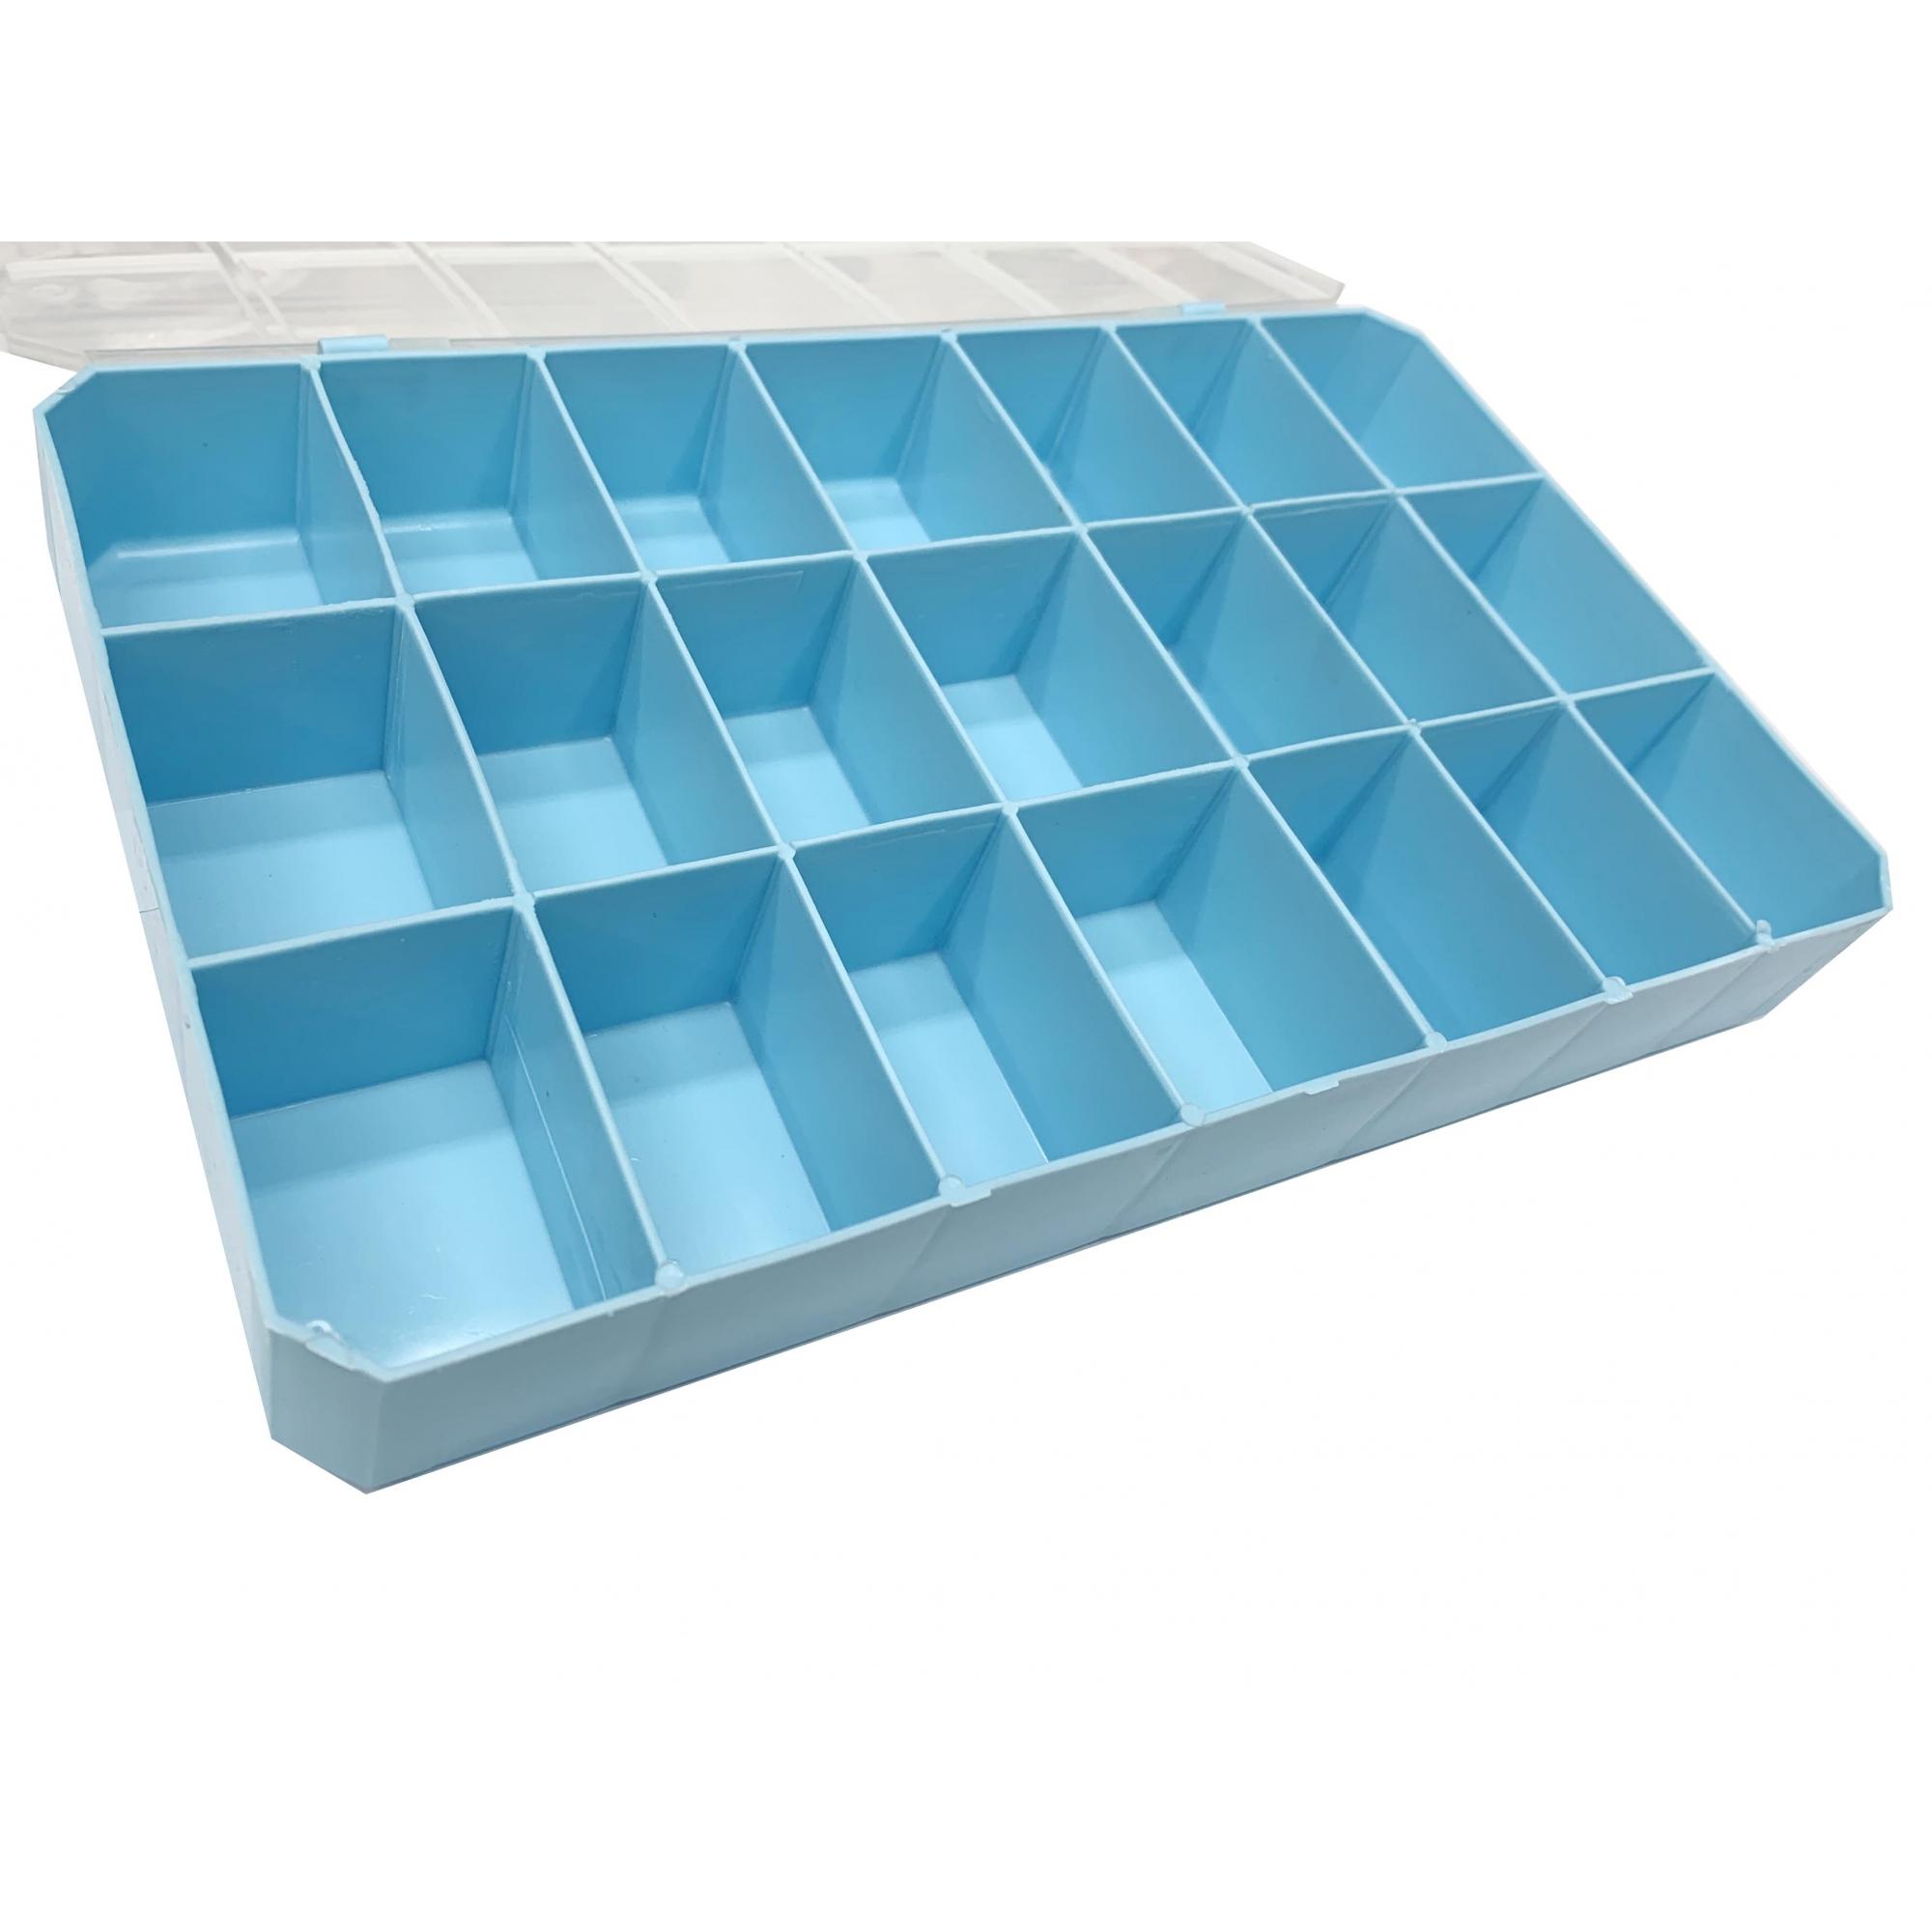 Caixa Organizadora - Transparente e Azul Clara  - Universo Religioso® - Artigos de Umbanda e Candomblé